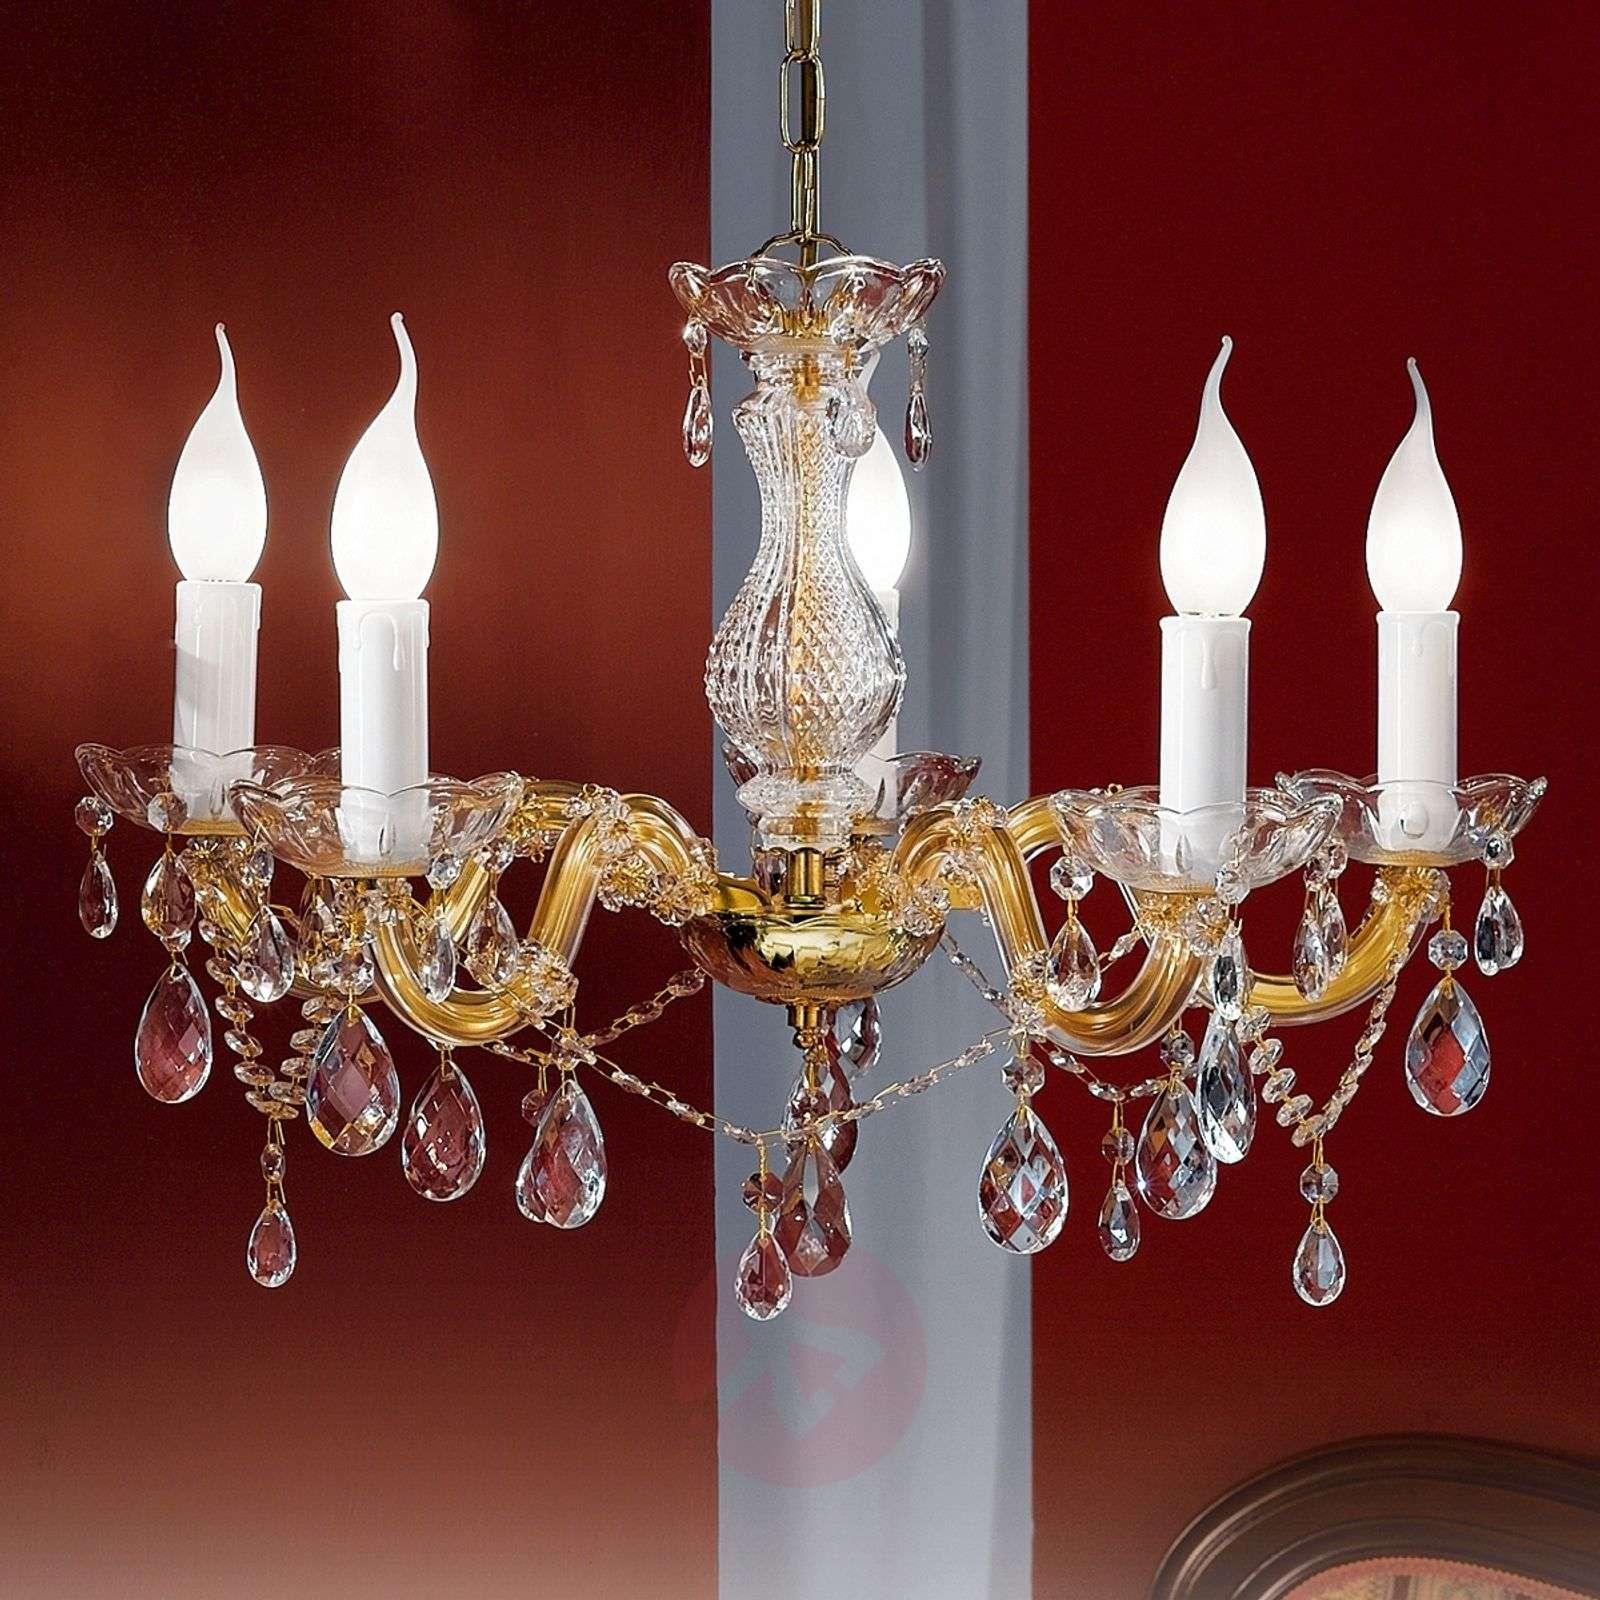 Dolores-kattokruunu kristalleilla, 5-lamppuinen-7253346-01